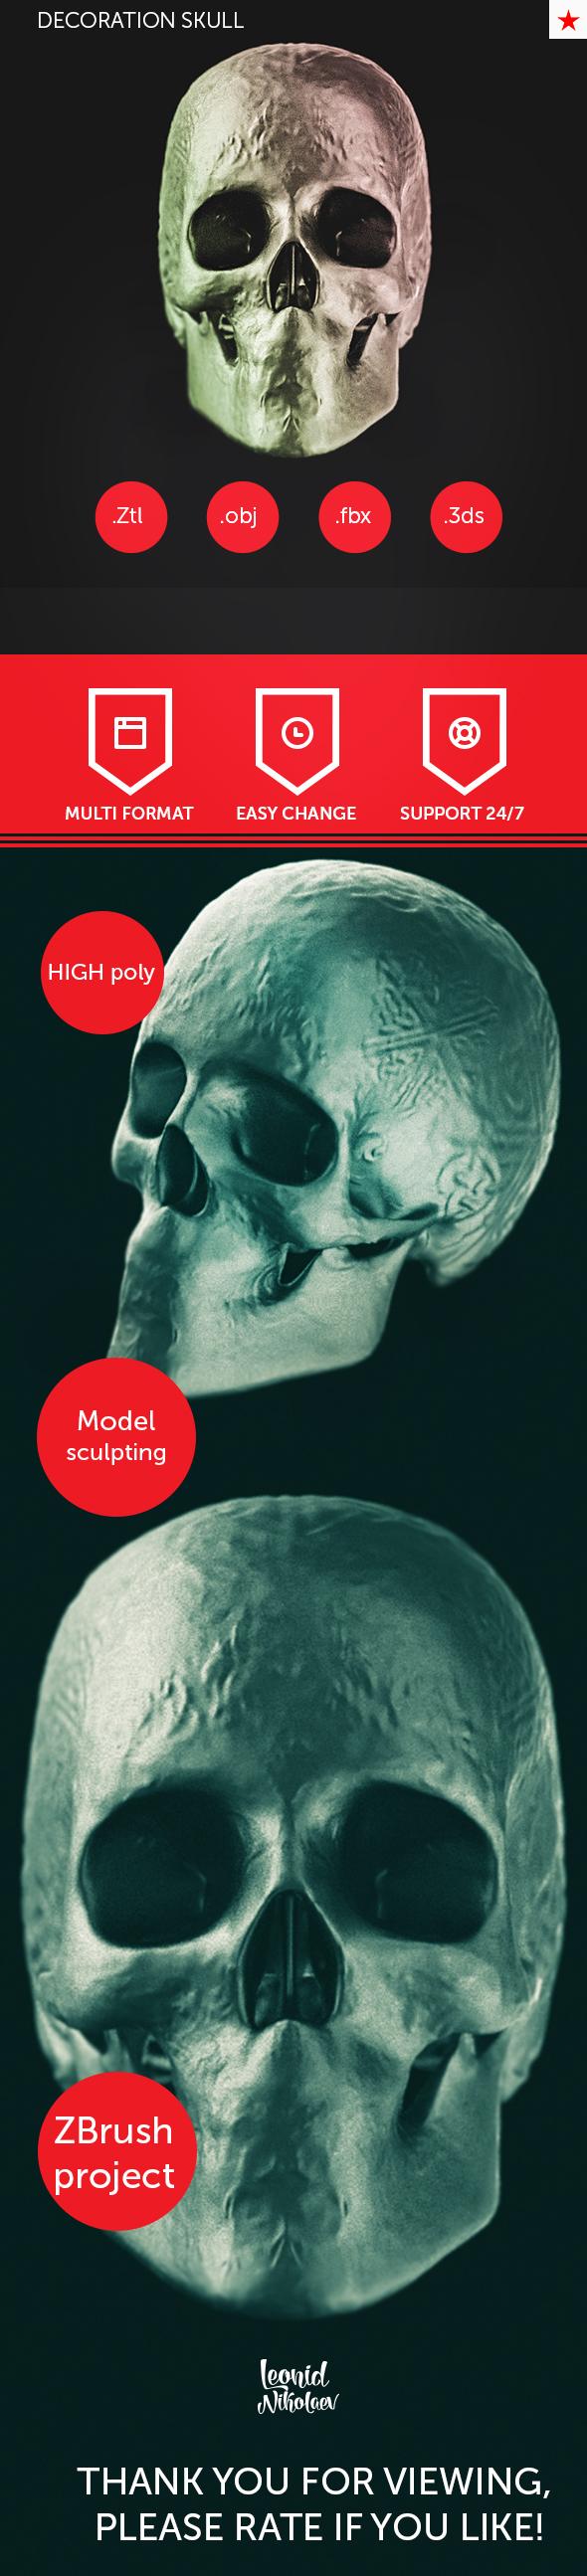 Decoration skull model - 3DOcean Item for Sale